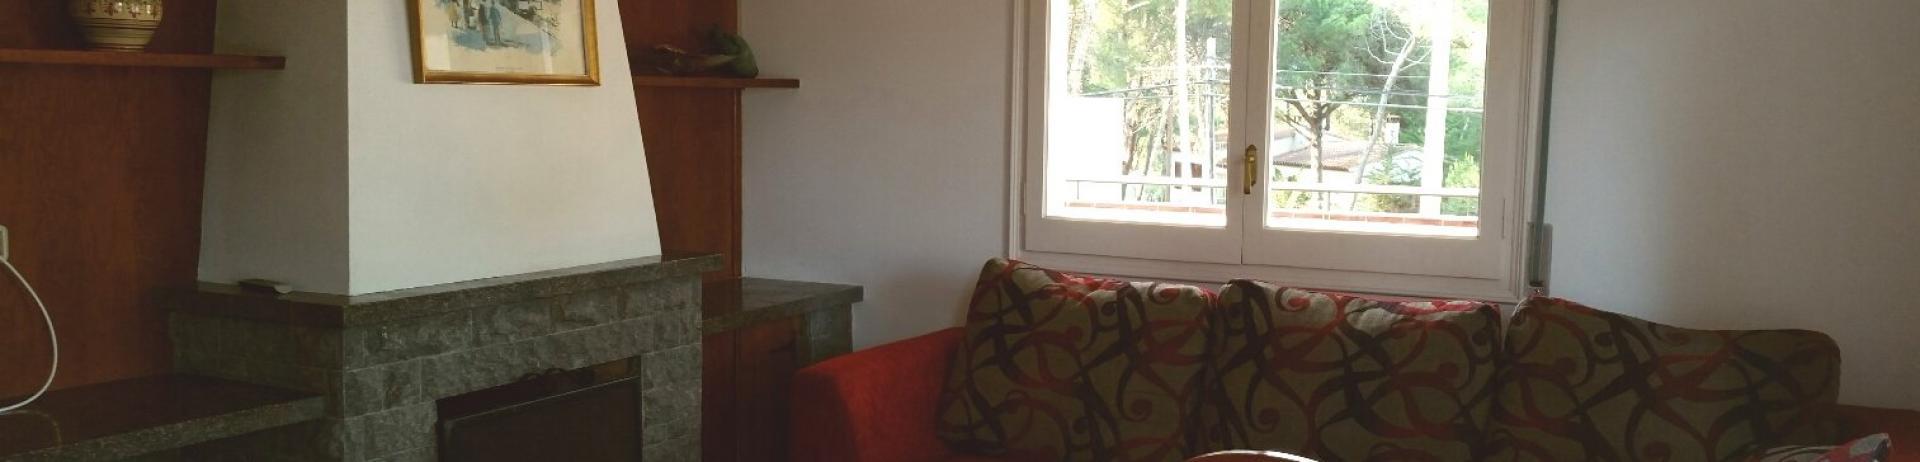 Saló dels apartaments del Camping Bungalows Interpals